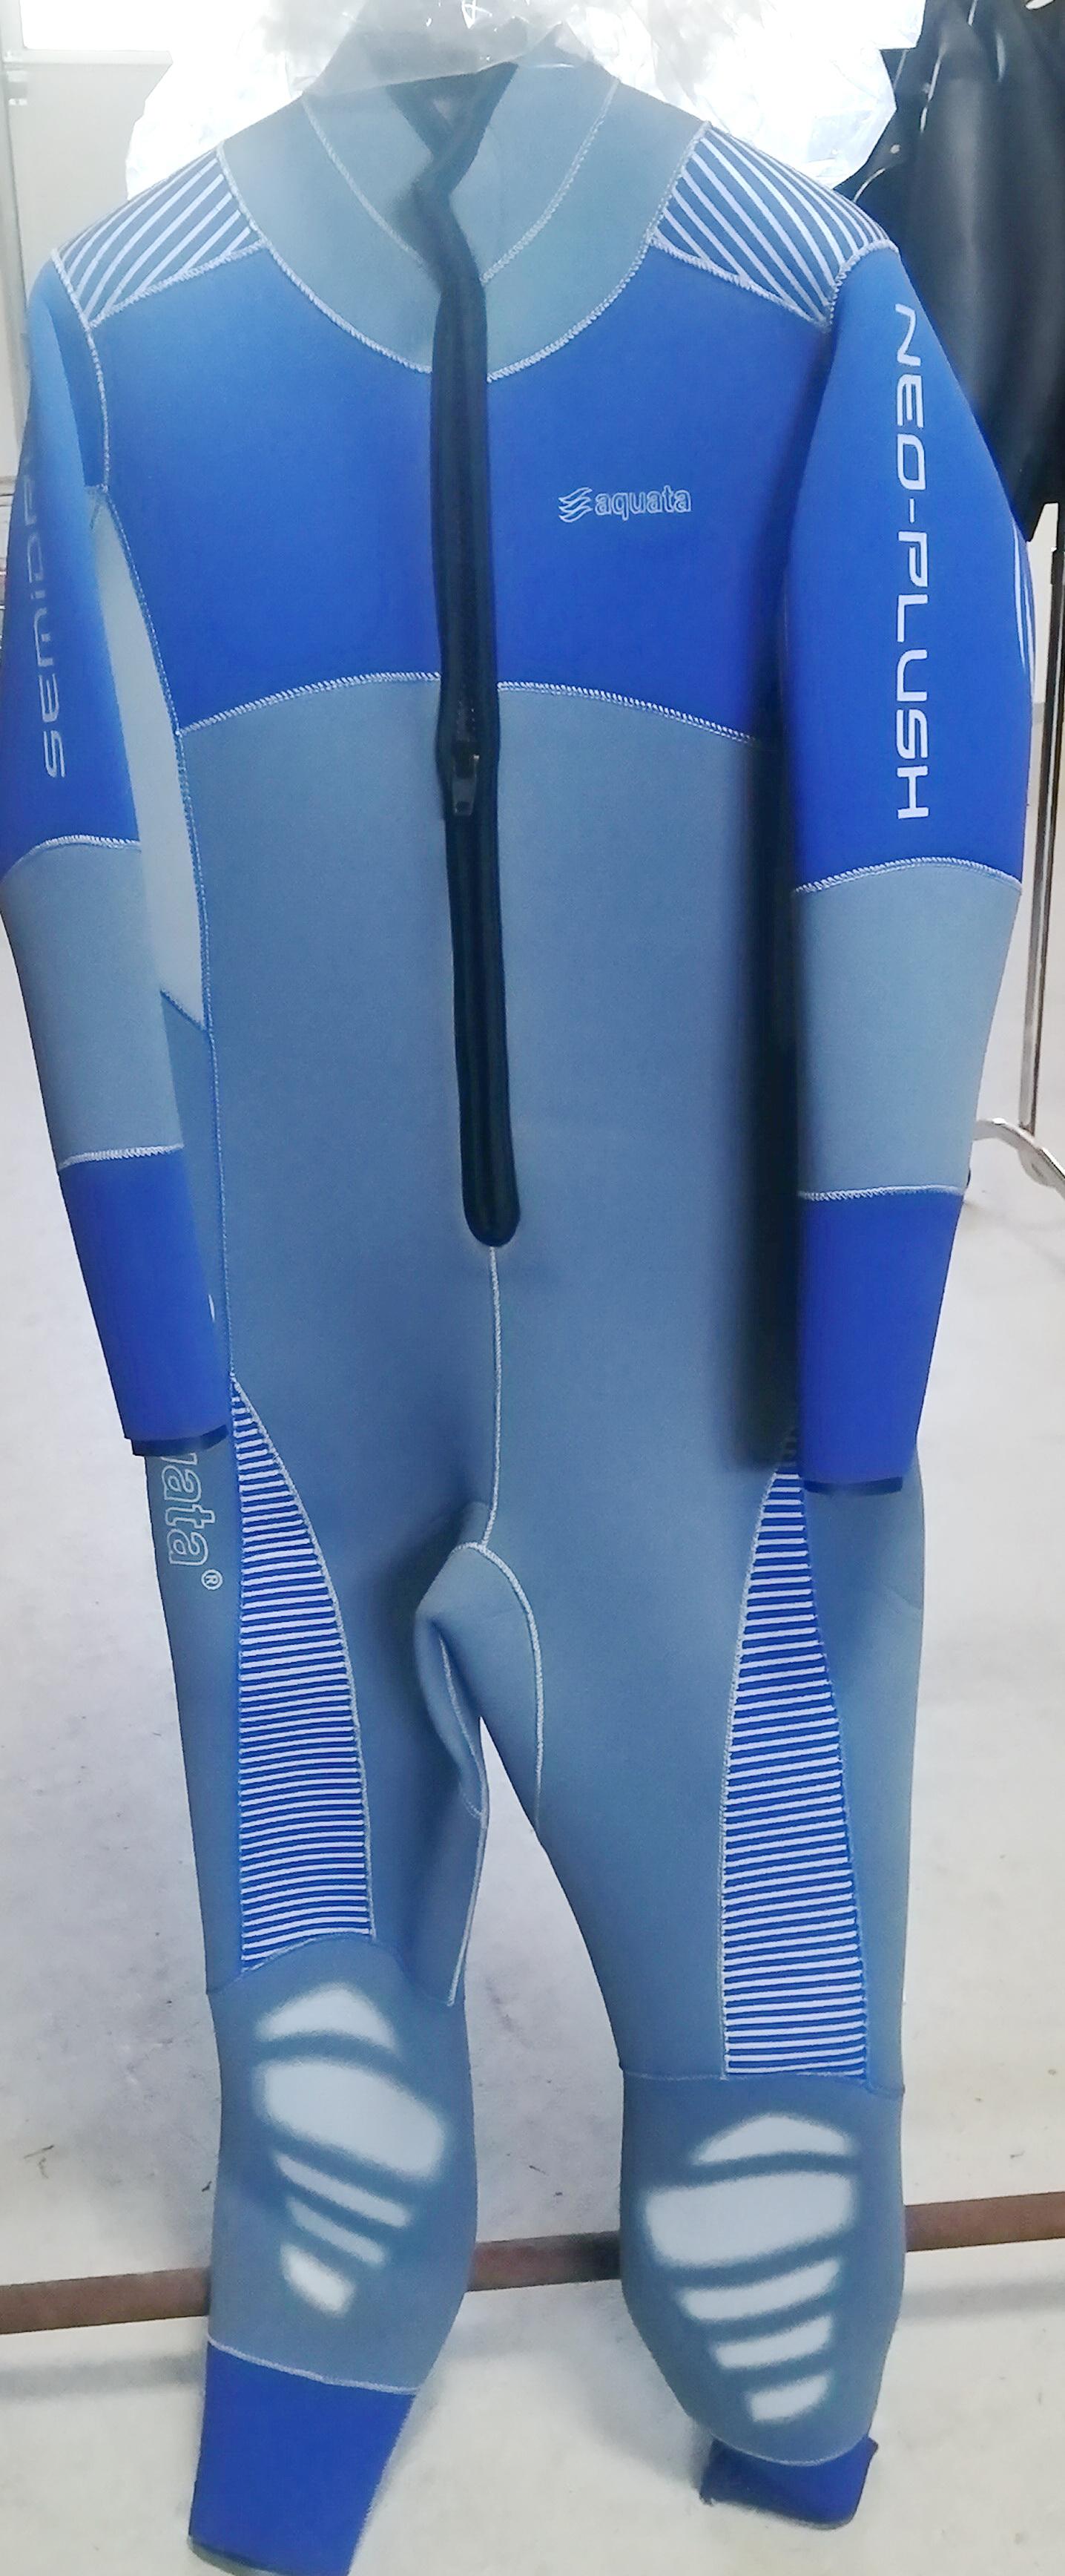 Halbtrocken Tauchanzug von aquata  Overall  Herren  6mm Neopren  Sondermodell  Orion Modell 1